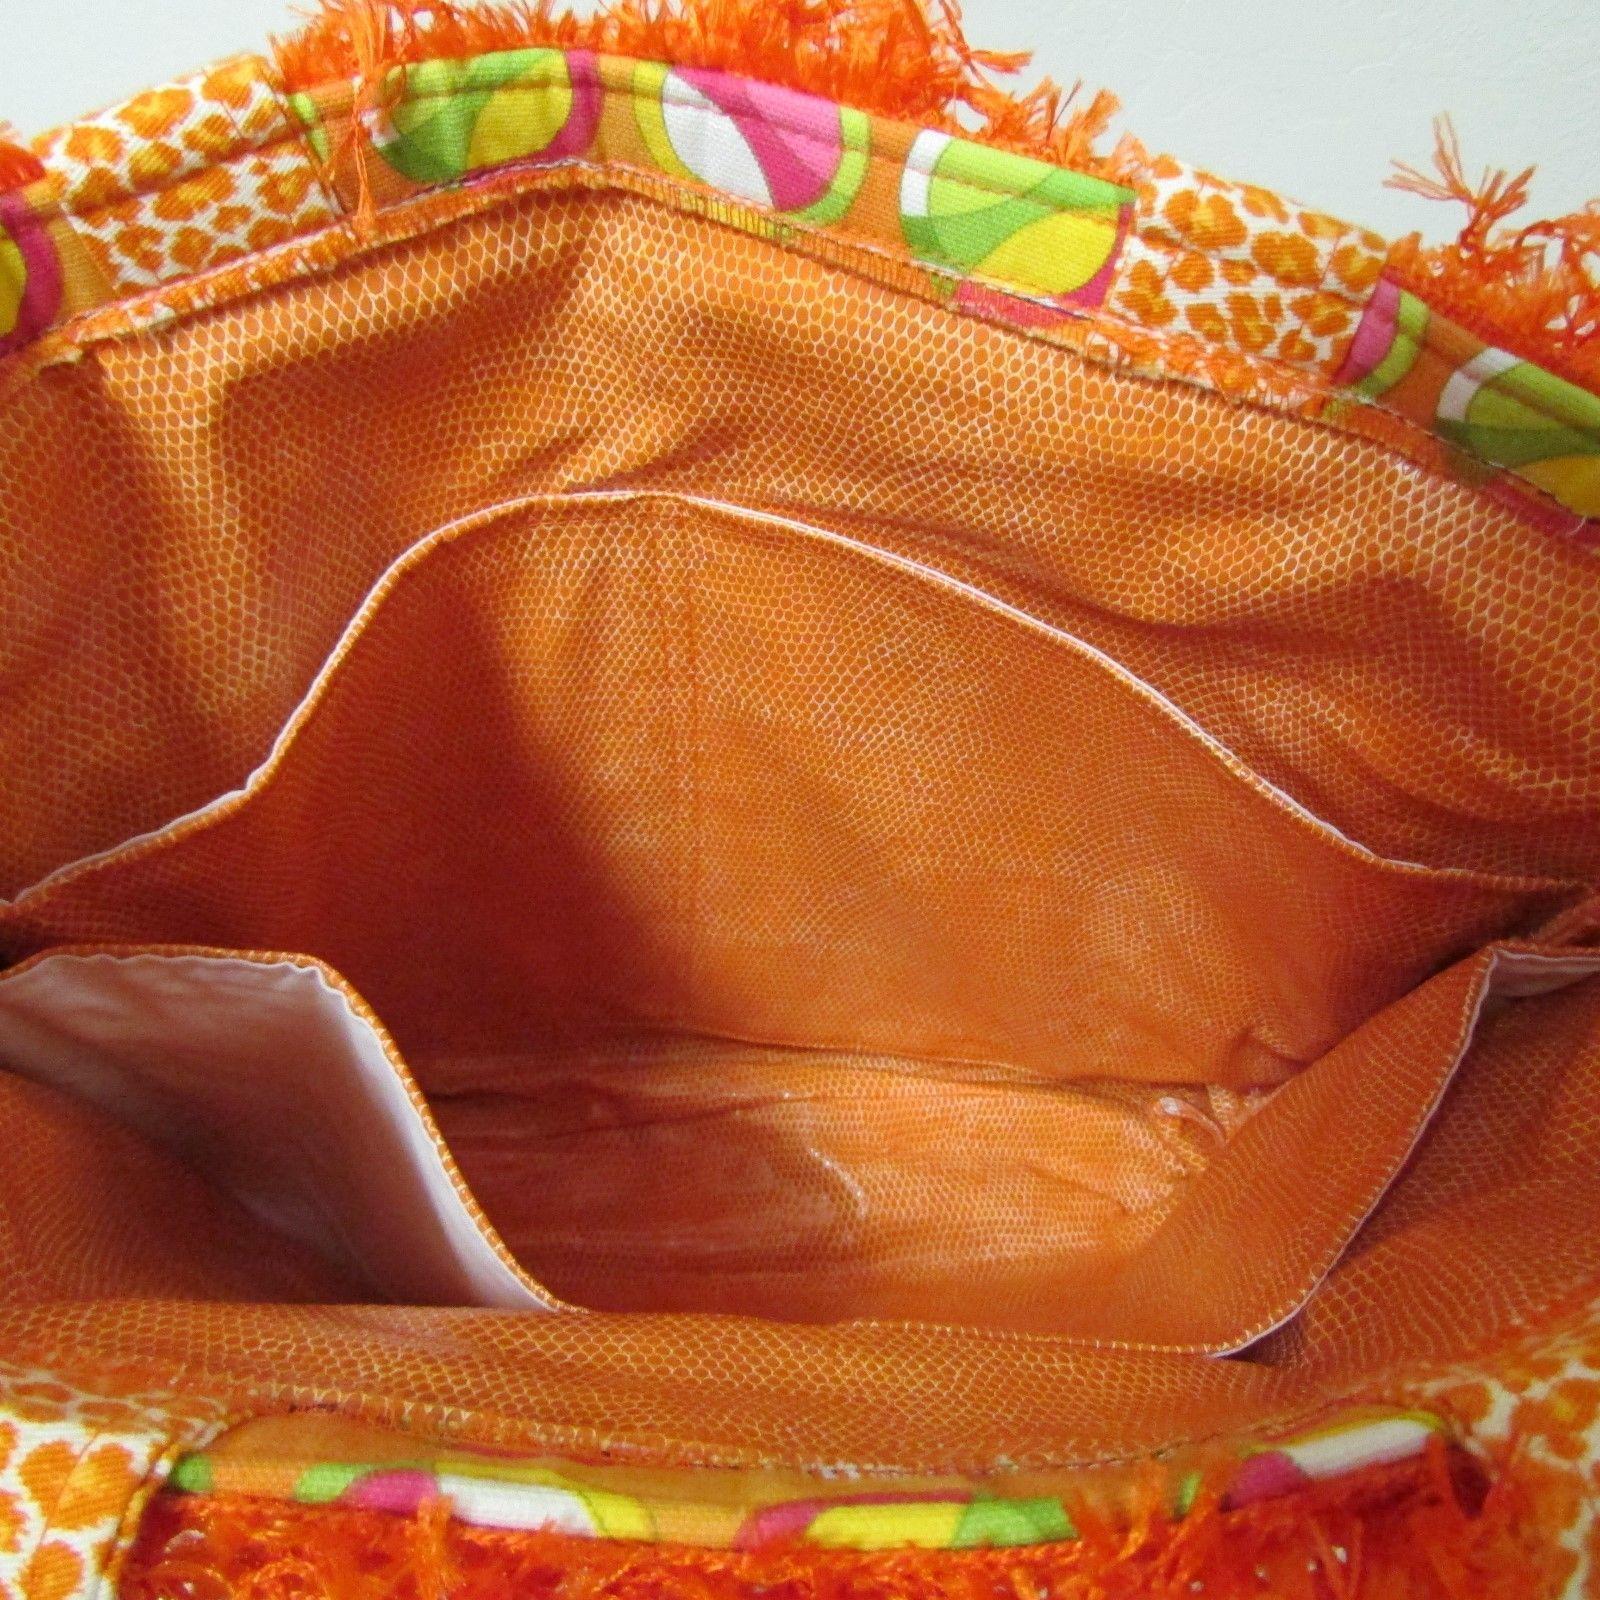 NWOT Large Custom Bag Daddy Orange Retro Shoulder Bag Shoppers Tote image 6